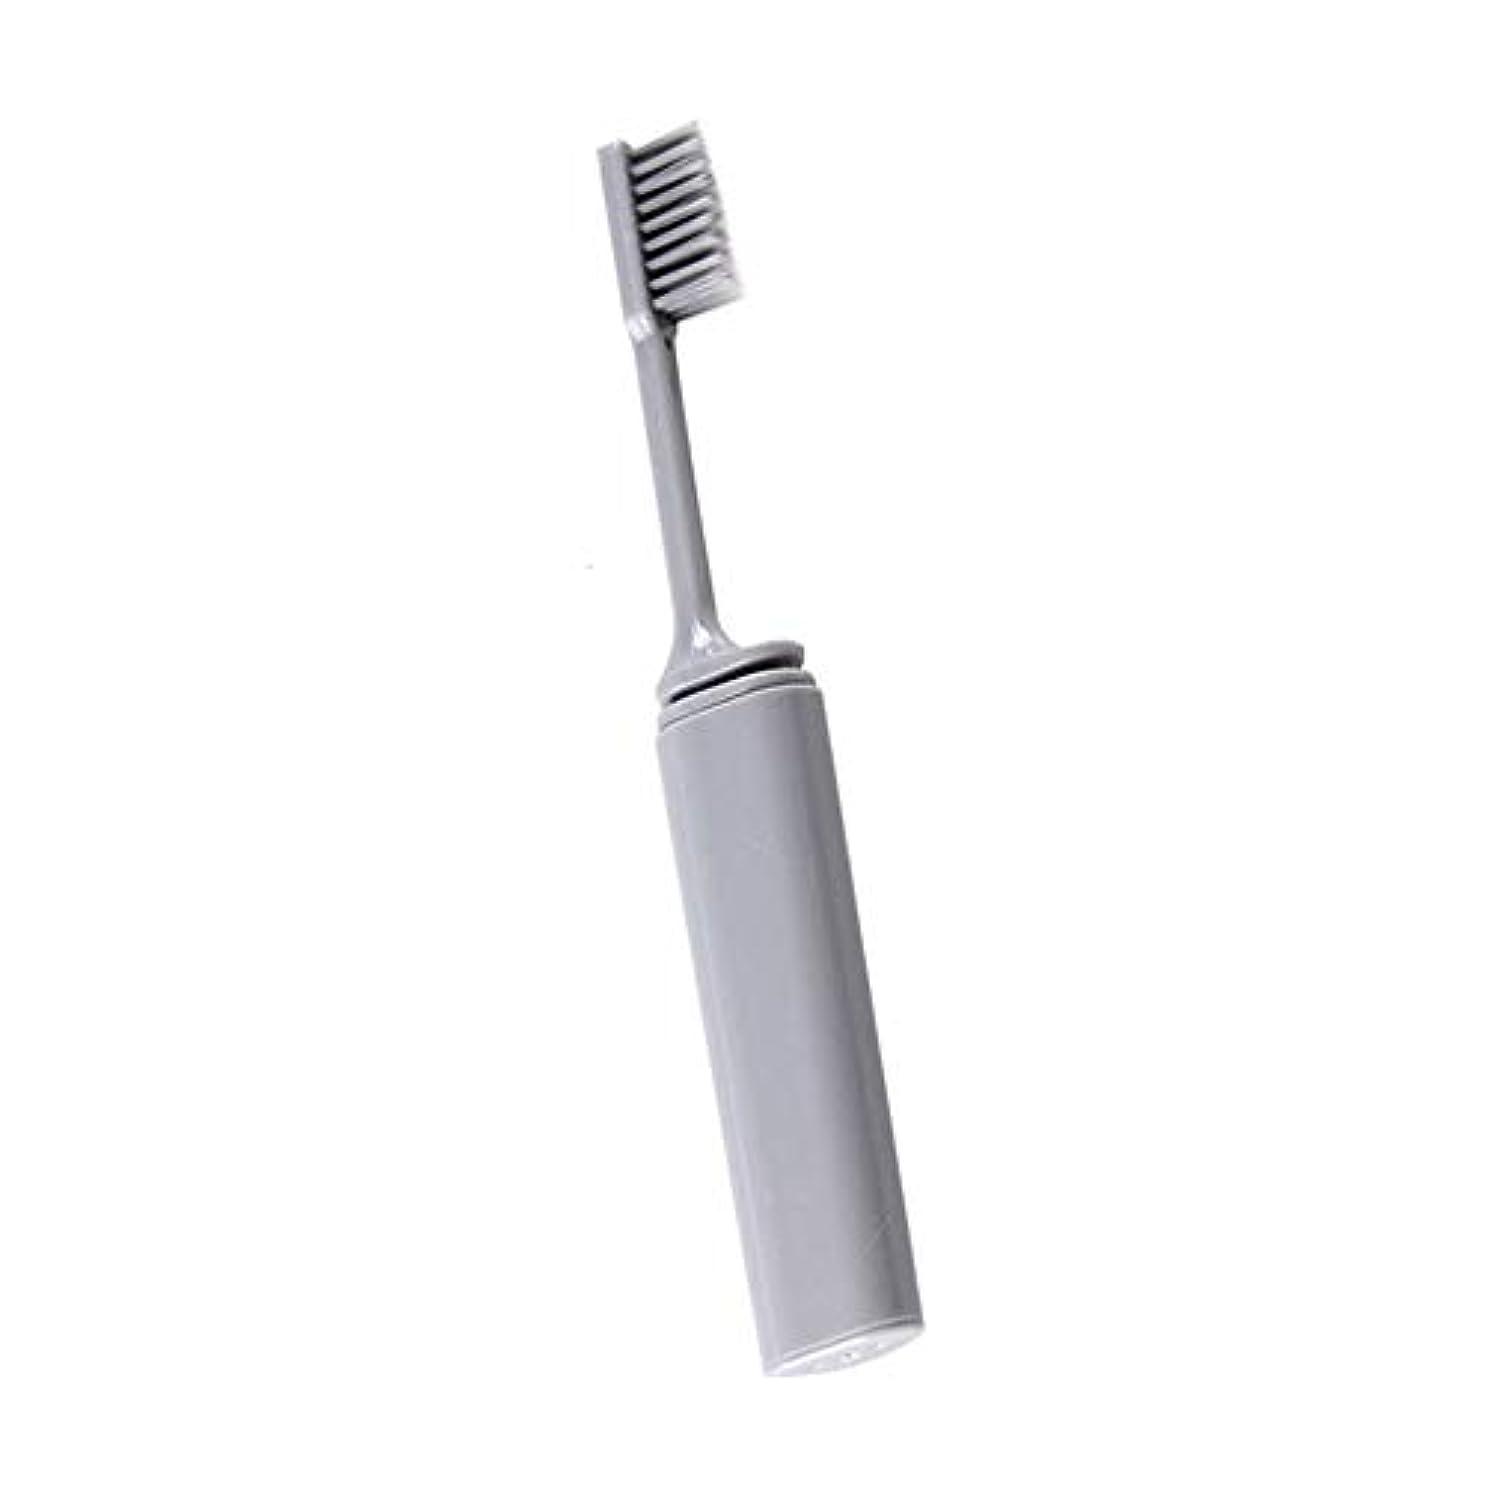 導出悲しい独特のOnior 旅行歯ブラシ 折りたたみ歯ブラシ 携帯歯ブラシ 外出 旅行用品, ソフト コンパクト歯ブラシ 便利 折りたたみ 耐久性 携帯用 灰色